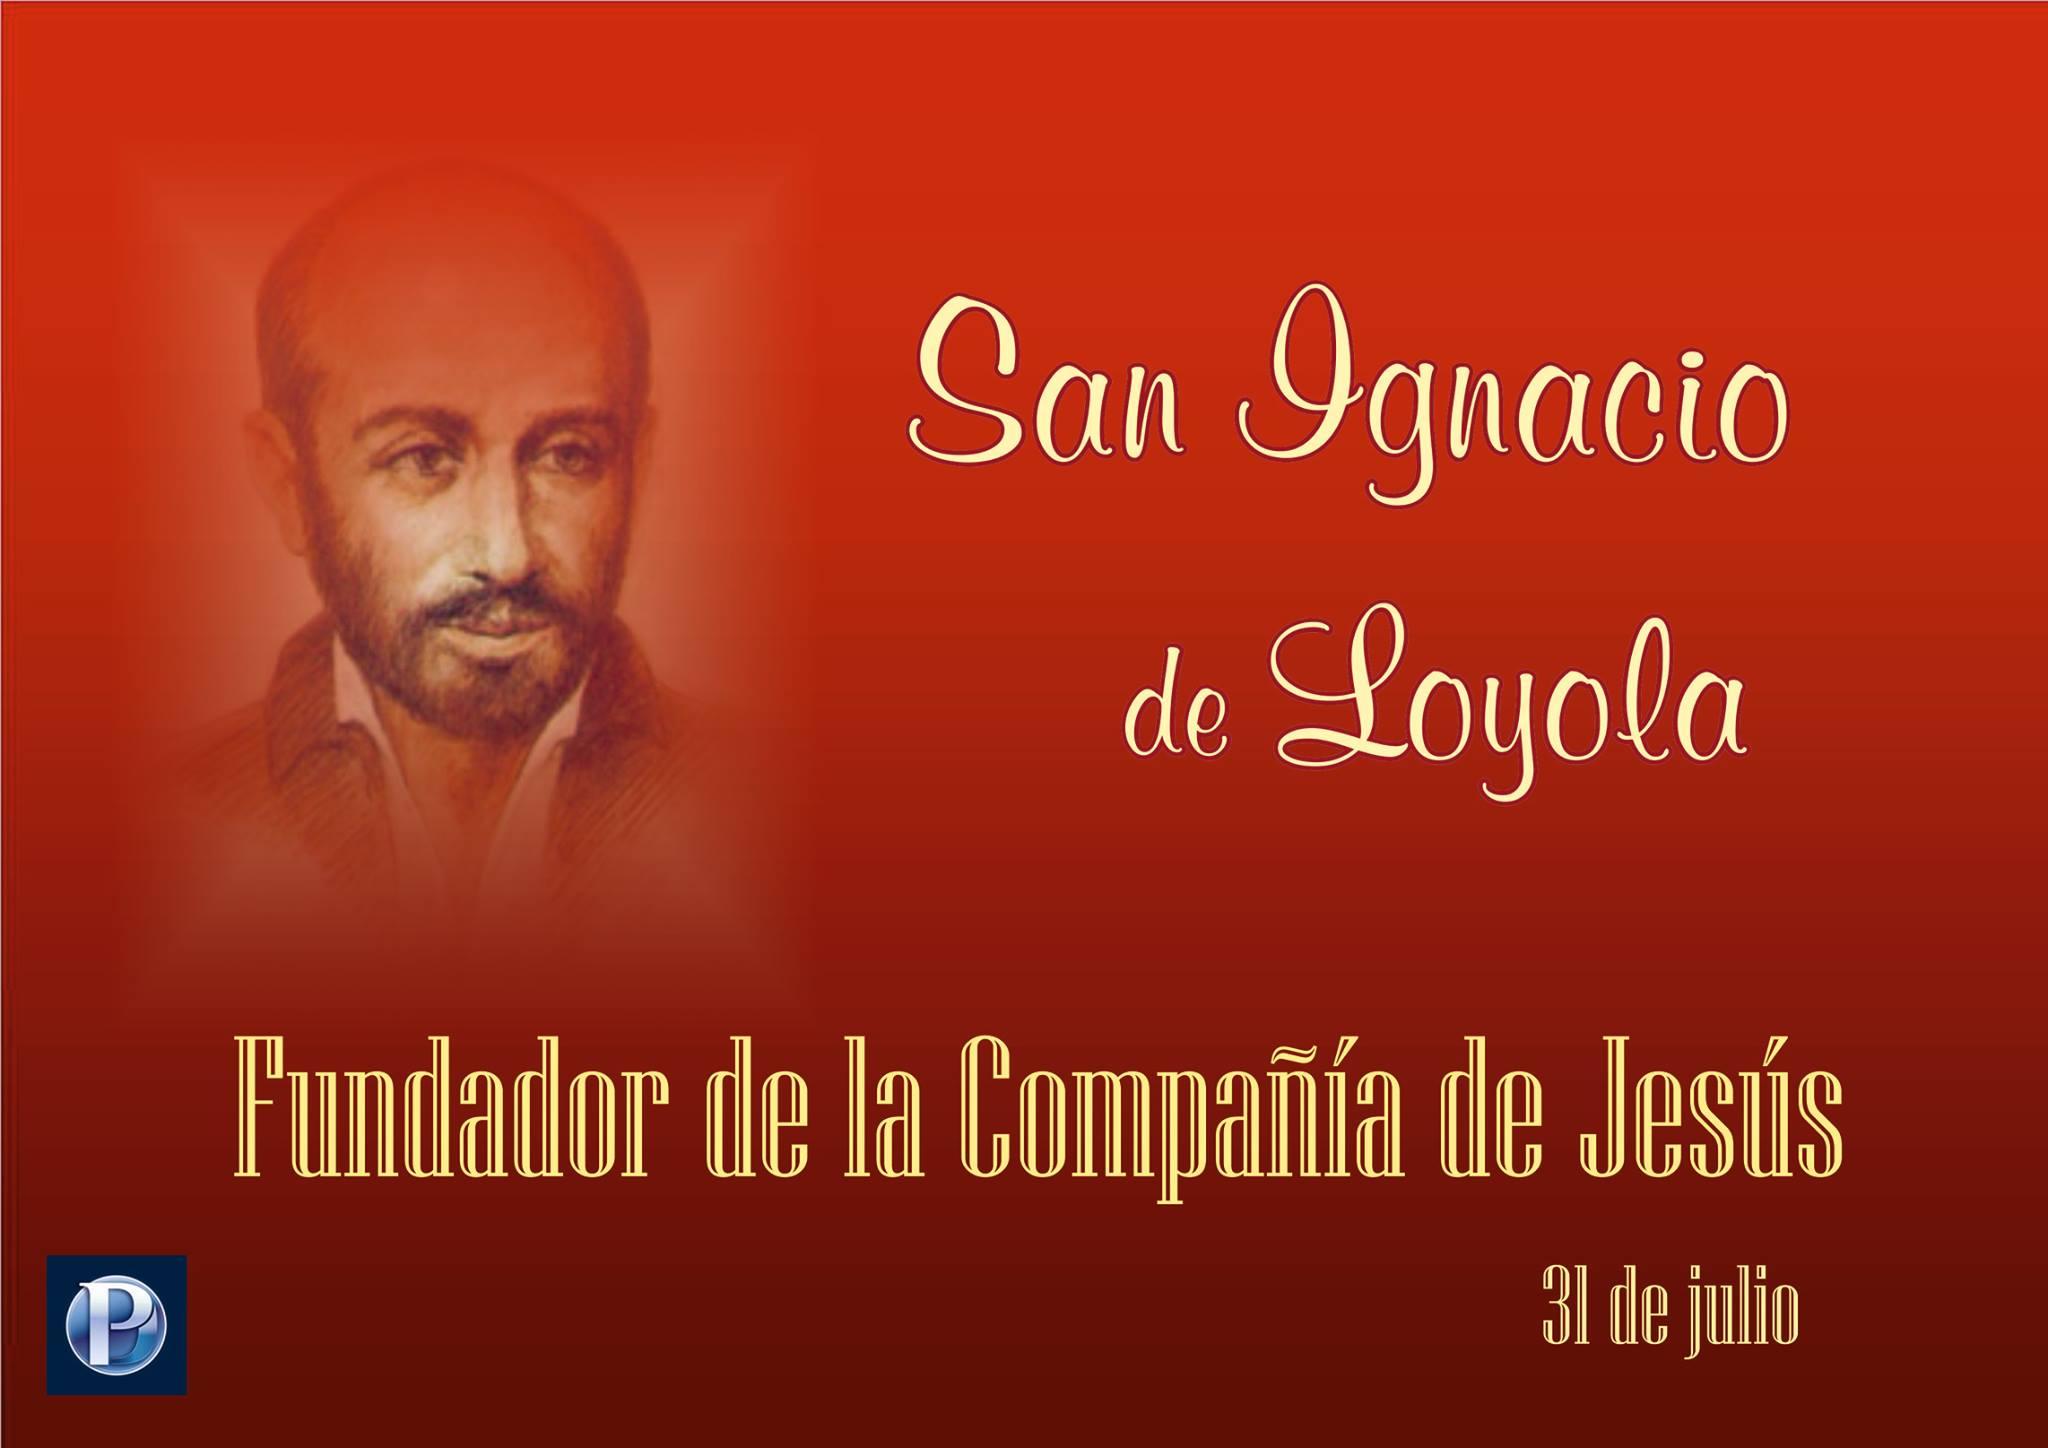 31 de julio: San Ignacio de Loyola